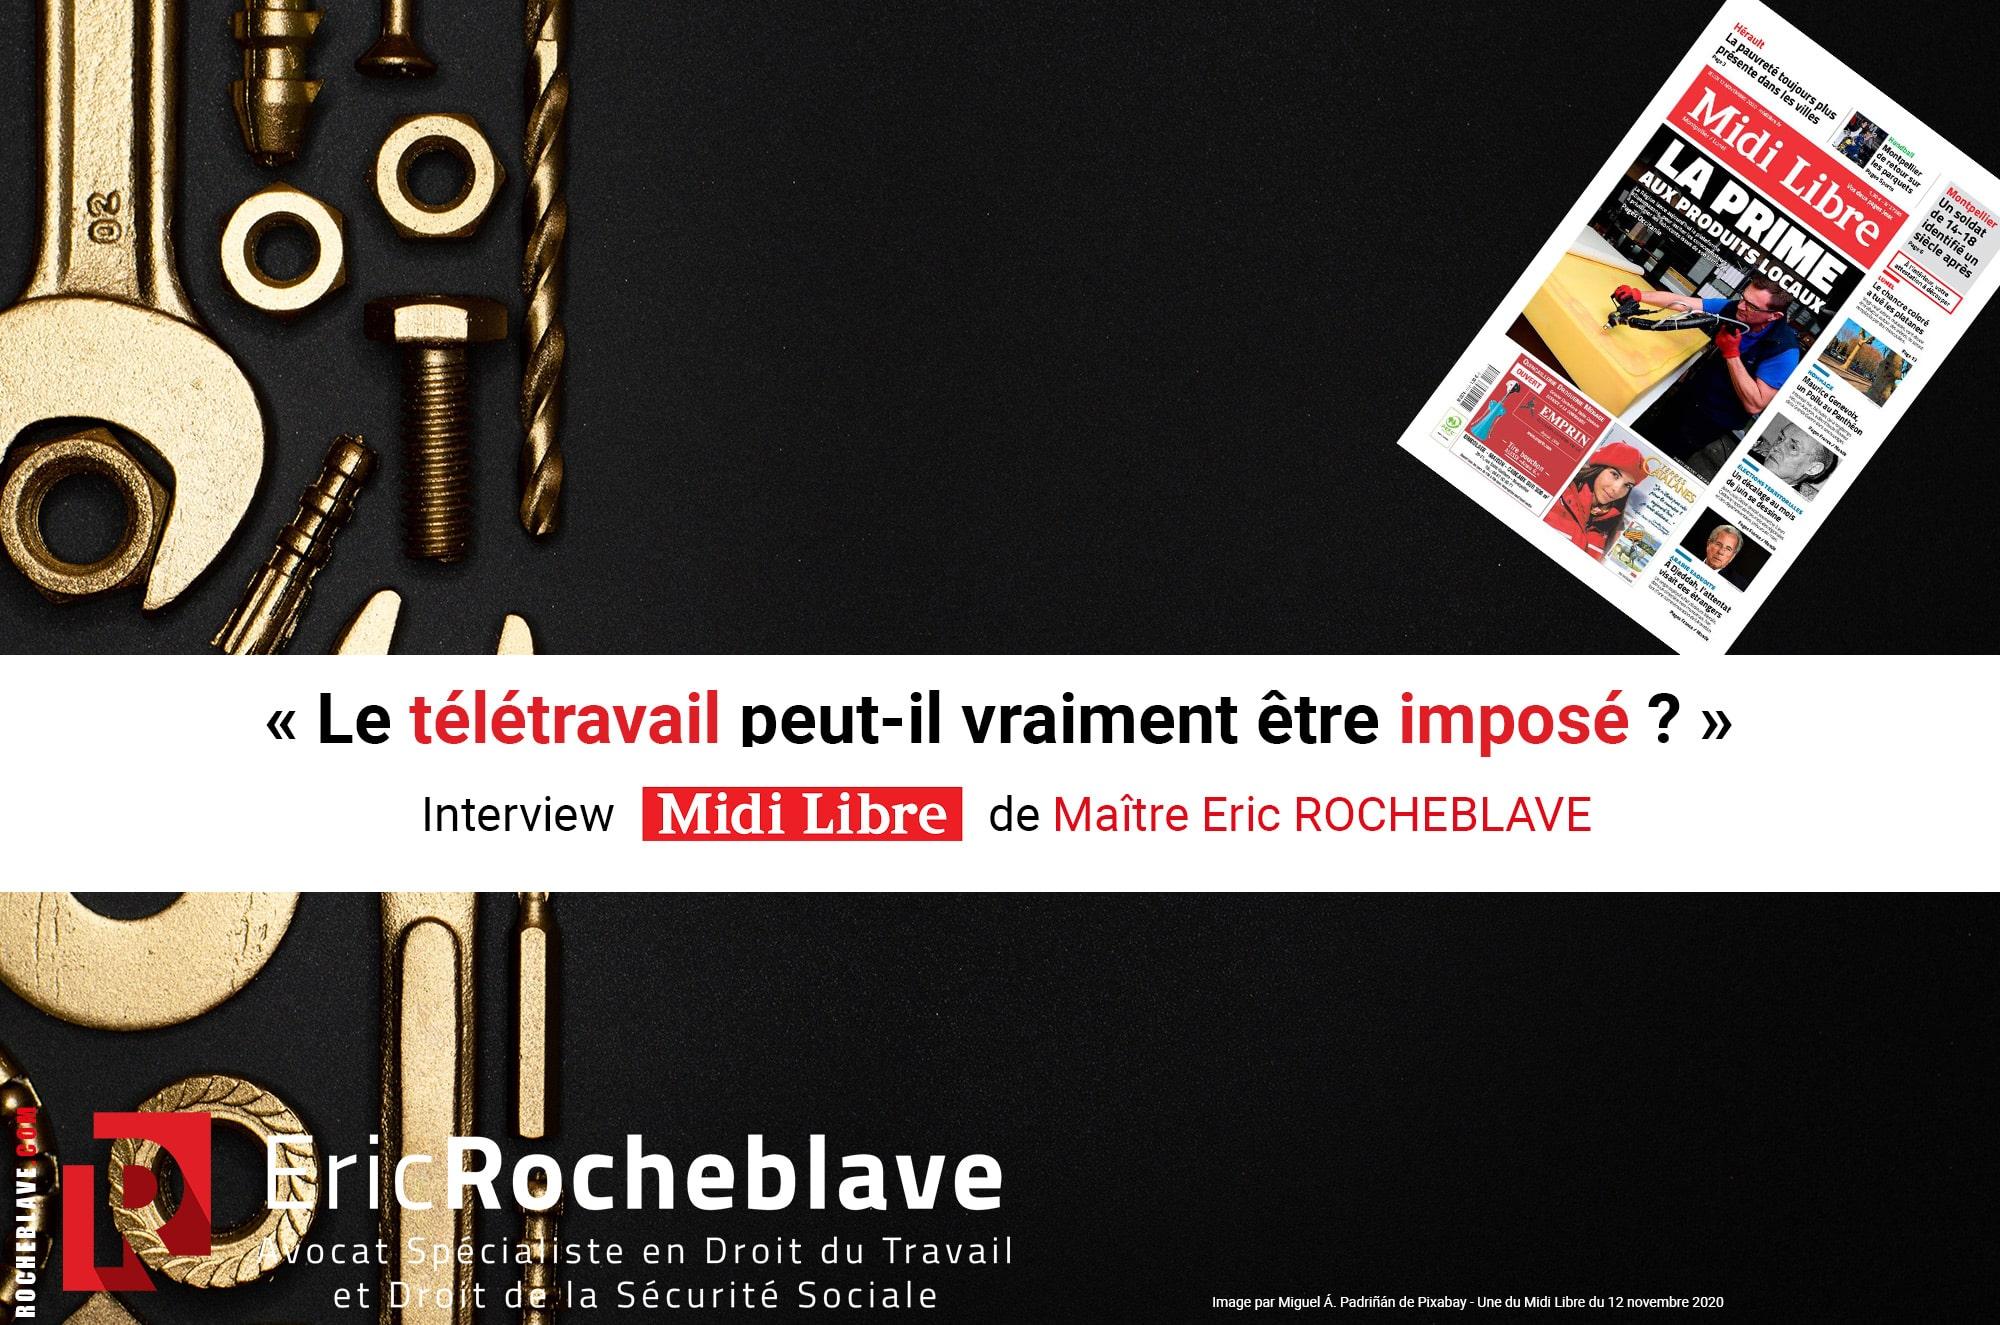 « Le télétravail peut-il vraiment être imposé ? » Interview Midi Libre de Maître Eric ROCHEBLAVE